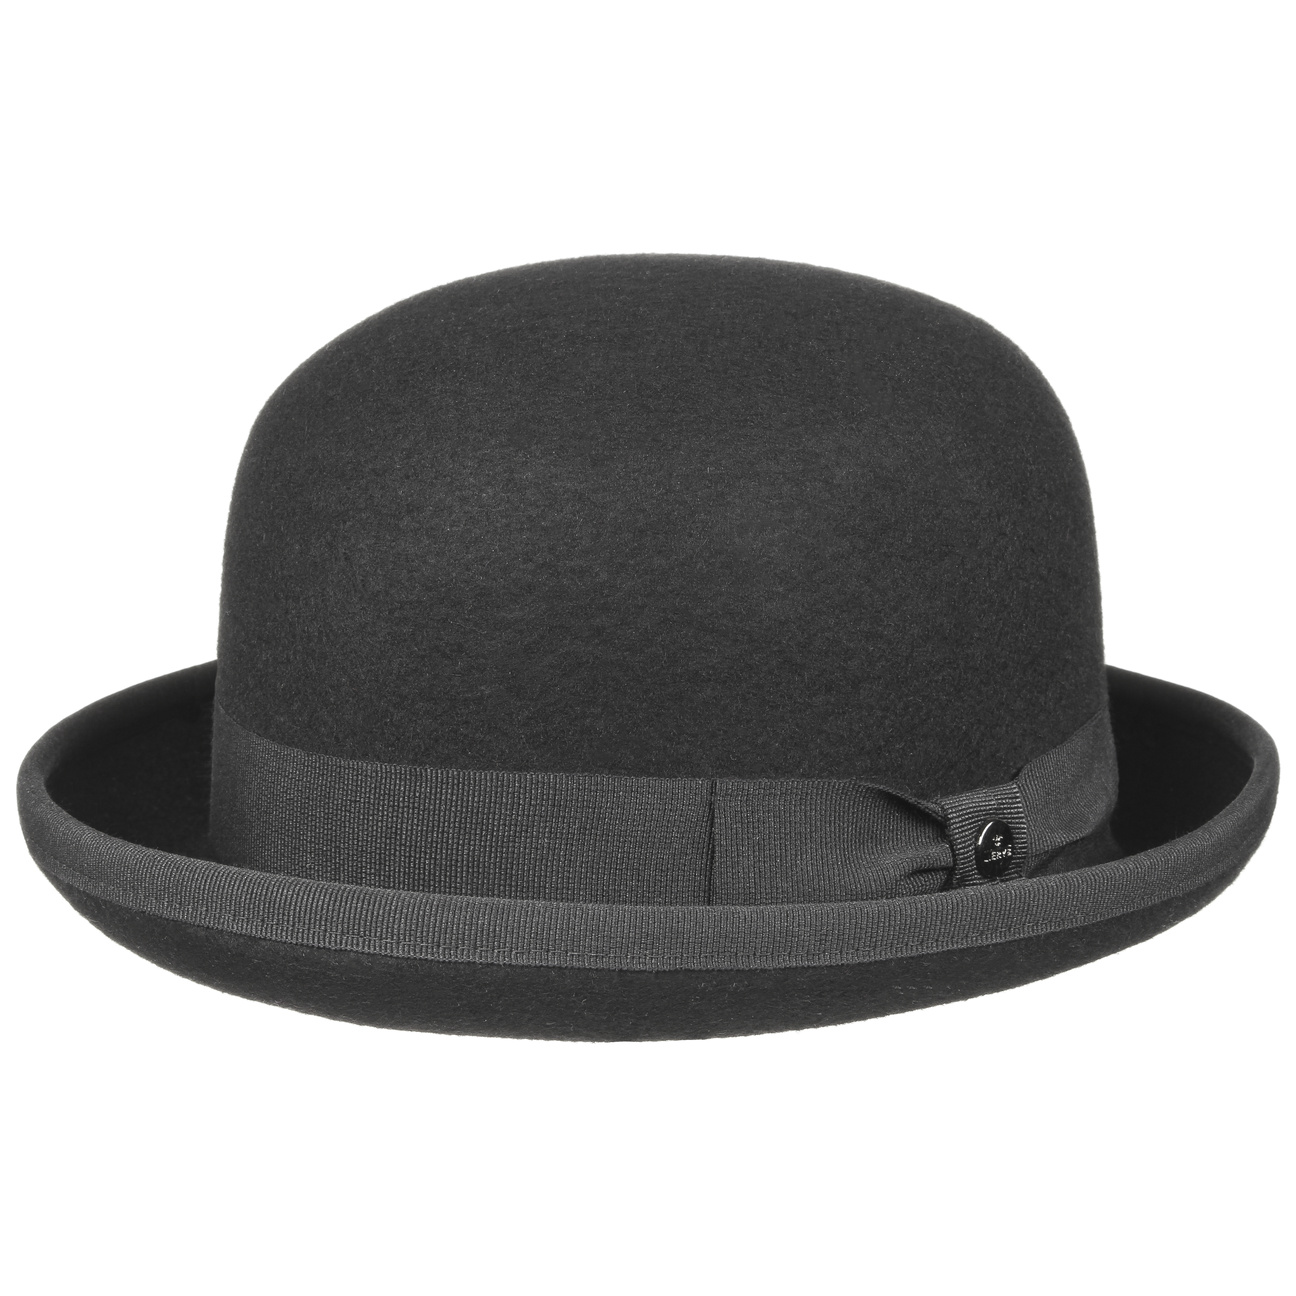 Sombrero de Fieltro Pelo Bomb?n by Lierys  sombrero de hombre